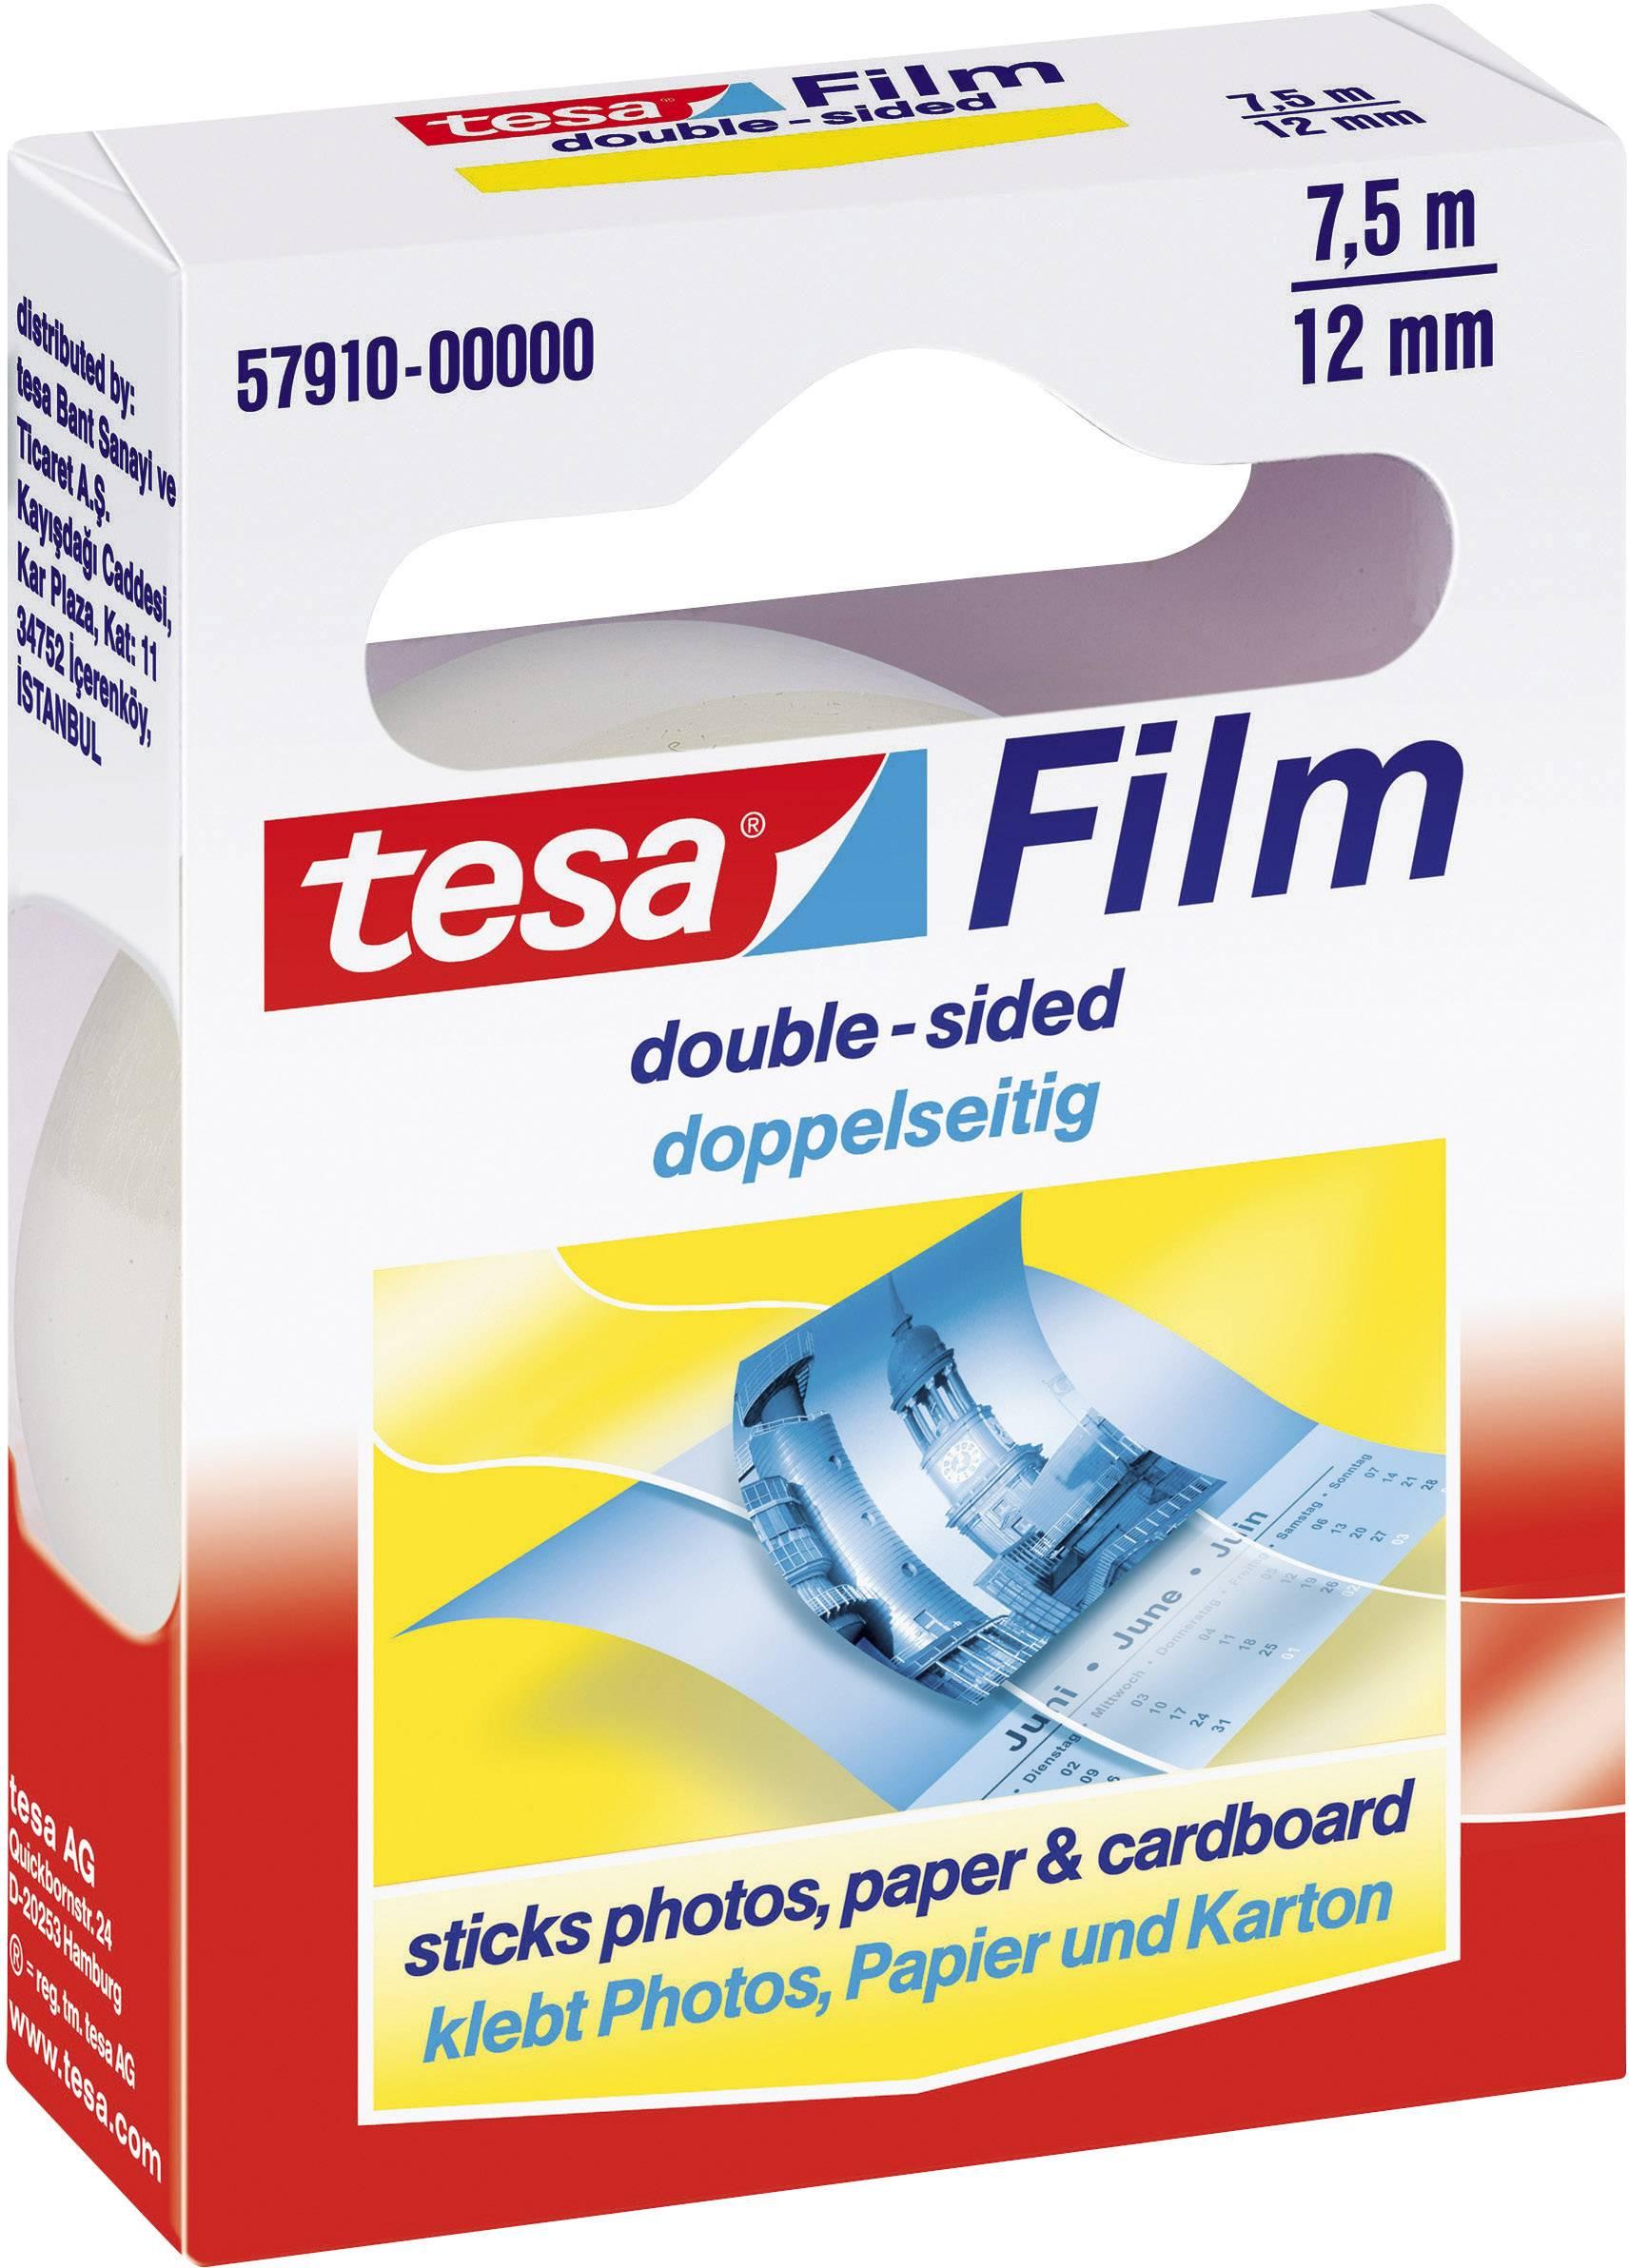 Obojstranná lepiaca páska tesa 57910 57910, (d x š) 7.5 m x 12 mm, priehľadná, 1 roliek